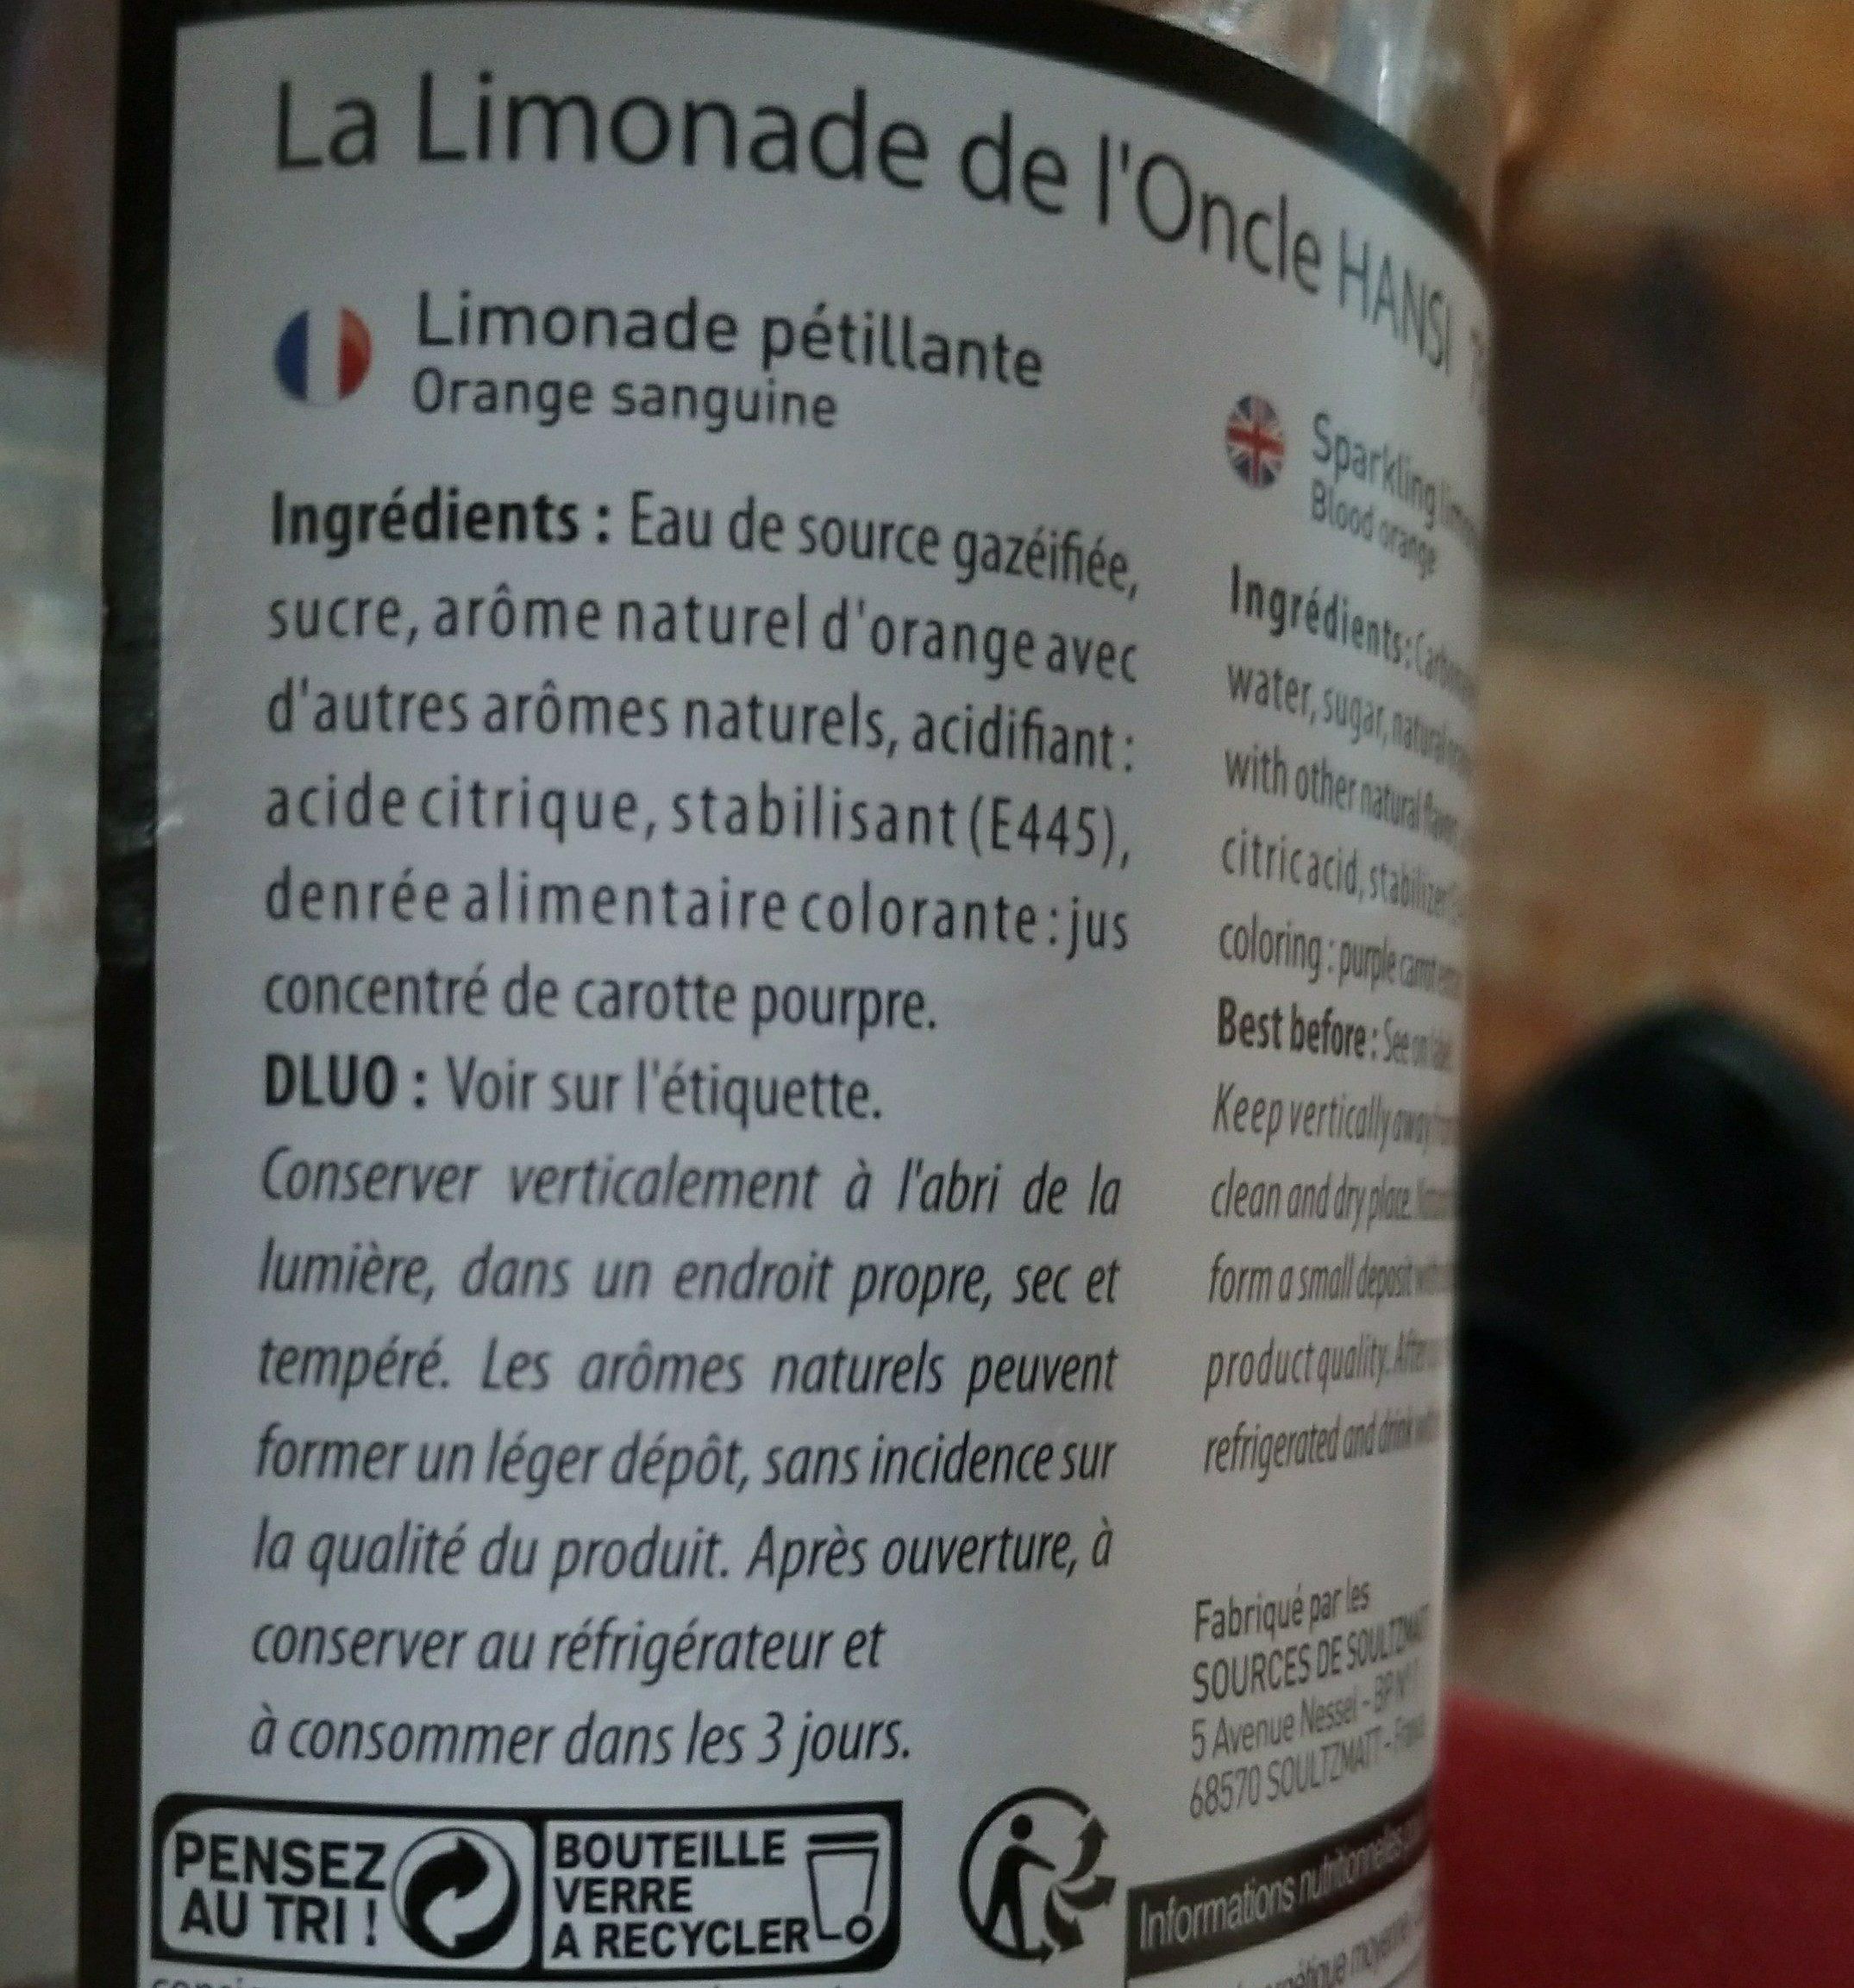 Limonade Orange Sanguine - Ingrédients